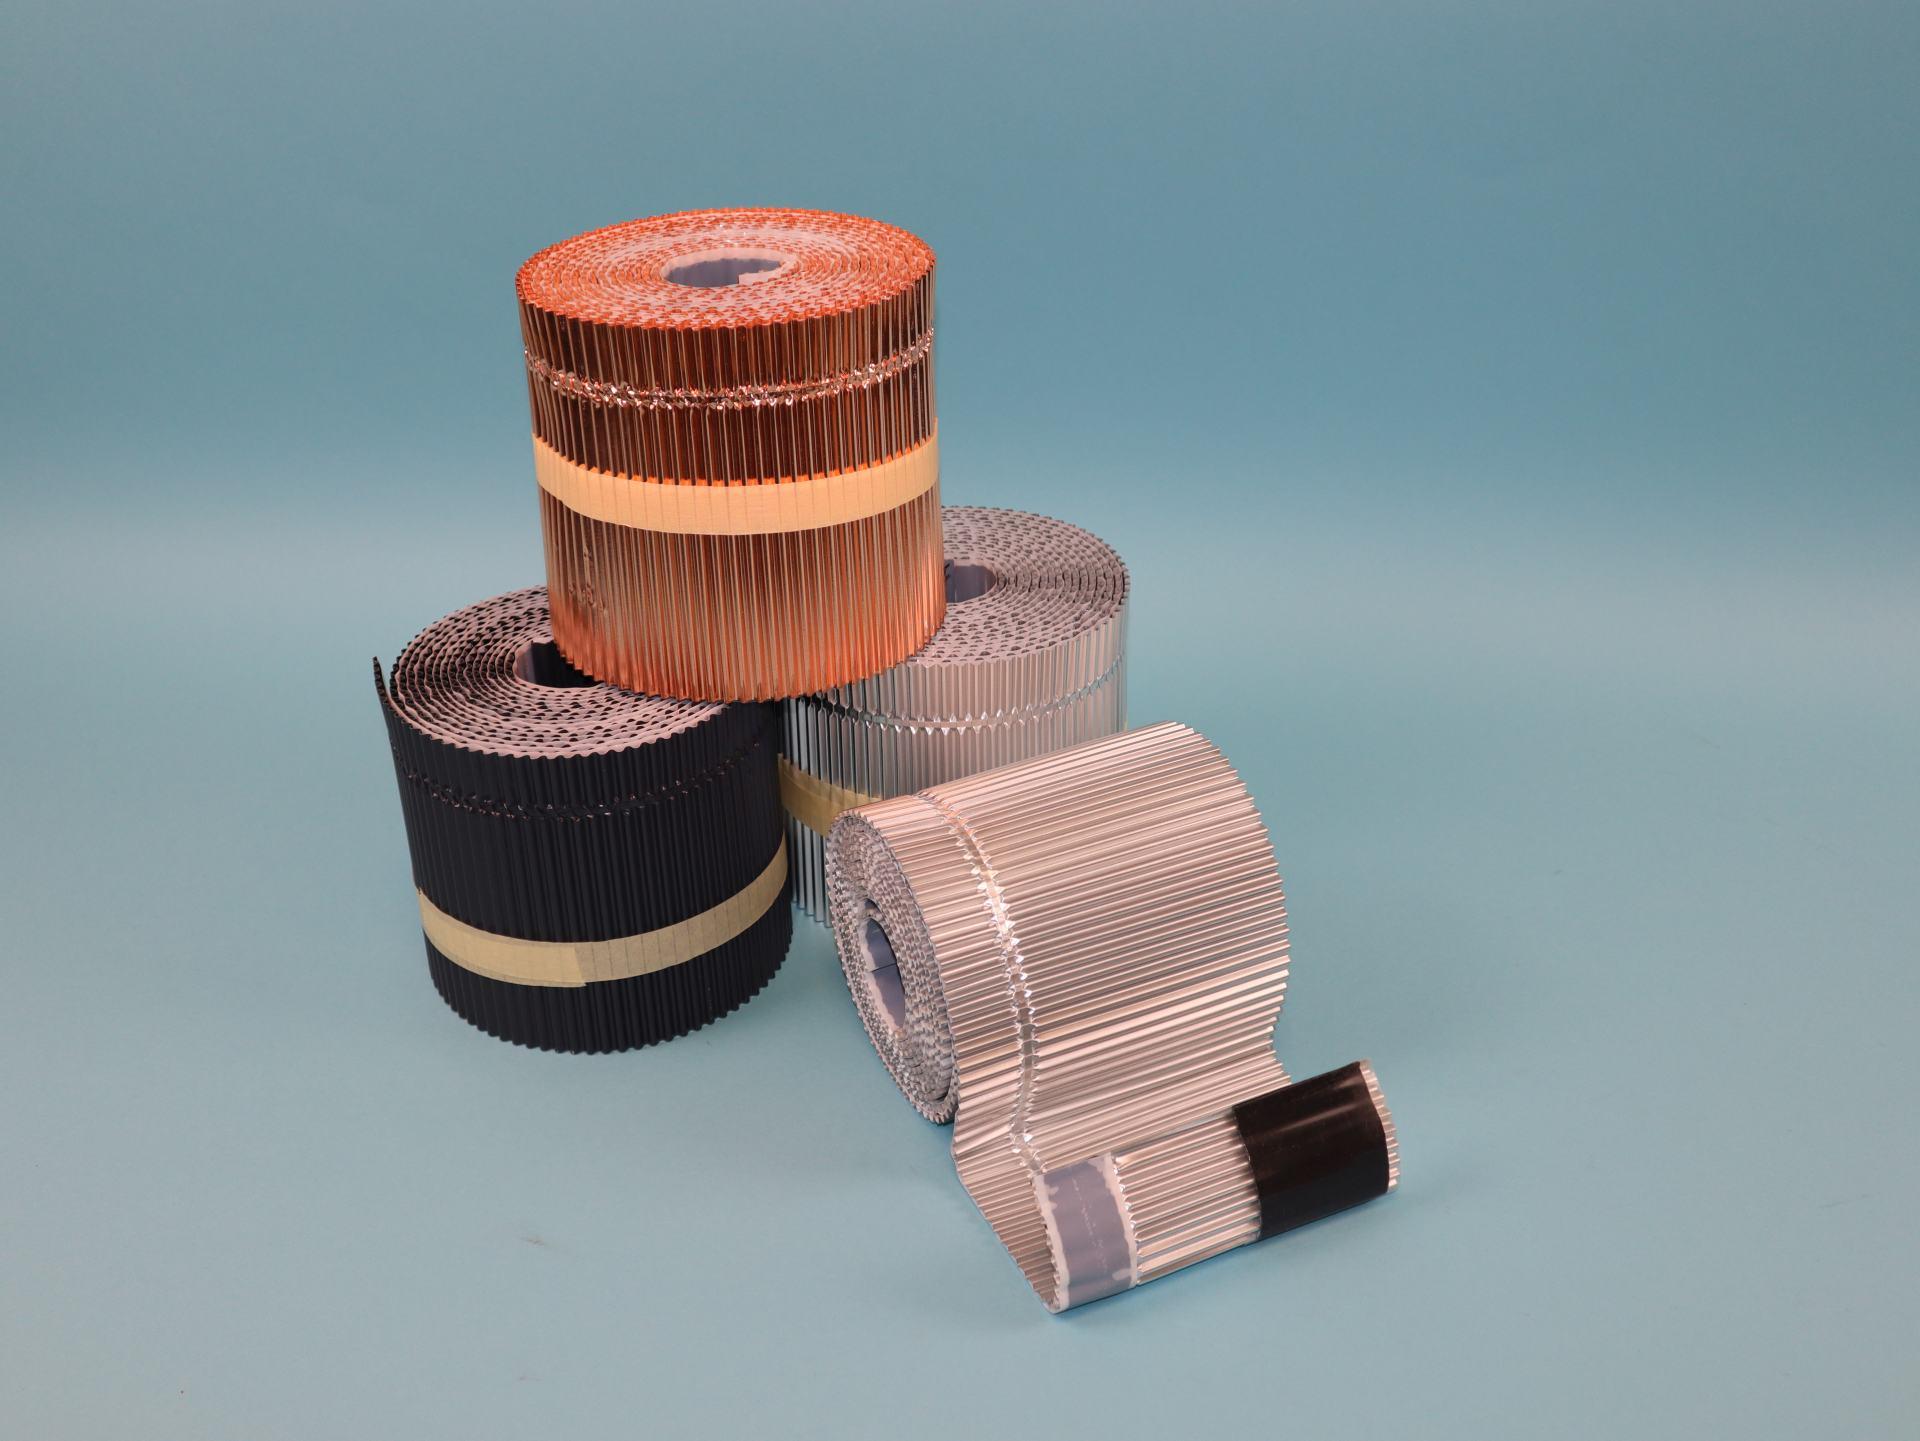 MAGE Anschlussschürze mit durchgängiger Plissierung als Meterware, Material auswählbar